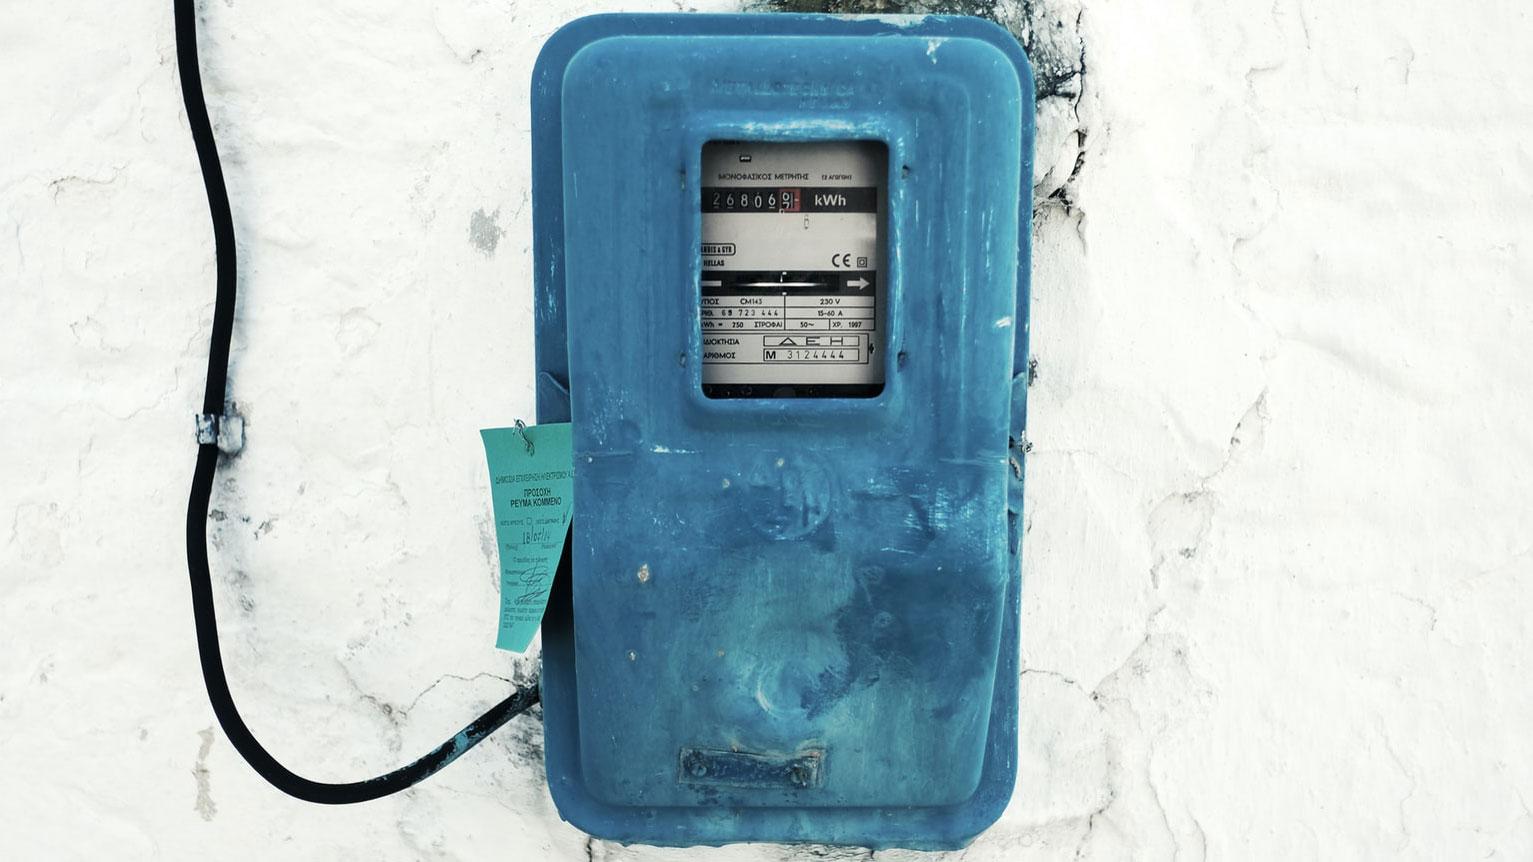 Stromrechnung-zu-hoch-Den-Anbieter-wechseln-